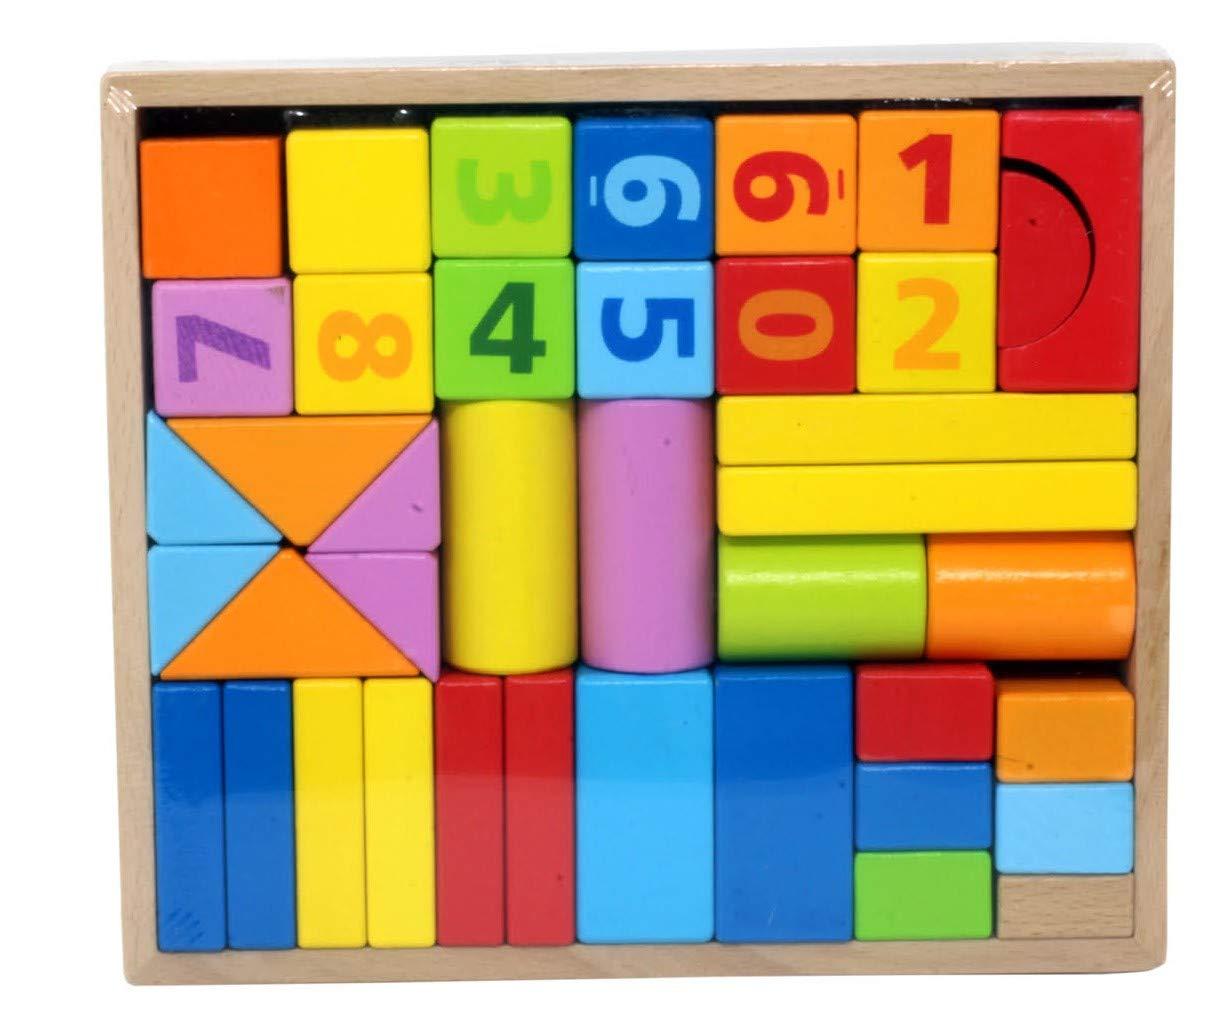 一番人気物 Bullahshah カラフルな木製組み立てブロックゲームセット 積み重ねブロック 木製キャリーケース付き Bullahshah 幼児用 幼児用 40個 40個 B07JC9FQRC, SHELTER:f46b8159 --- a0267596.xsph.ru